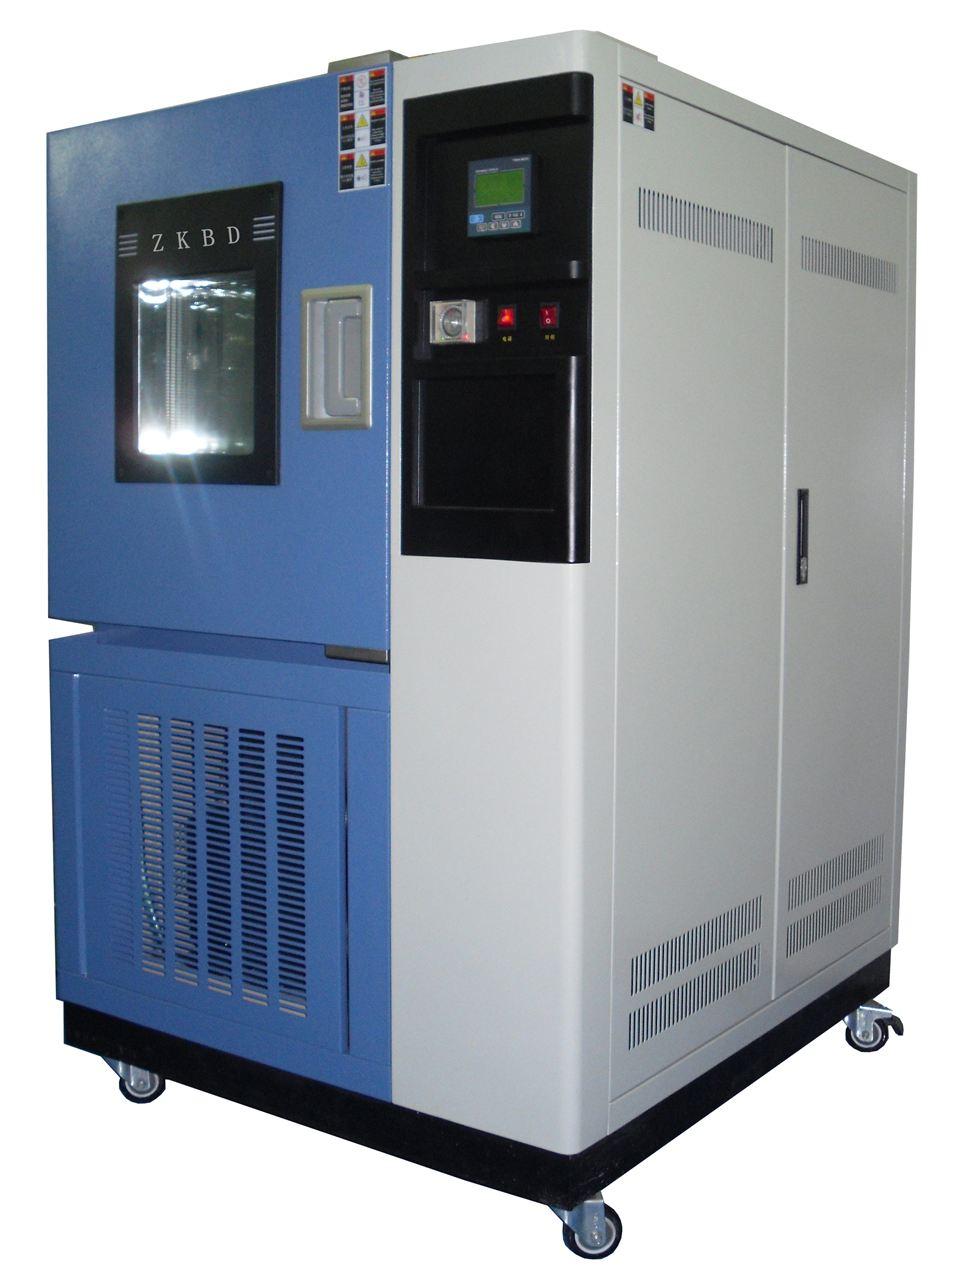 解析恒温恒湿试验箱湿球温度和露点温度的联系